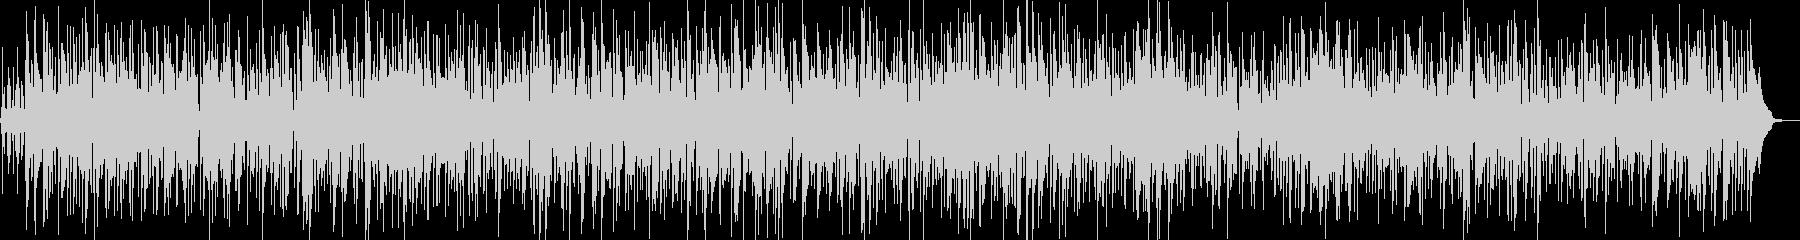 エネルギッシュなファンクボサノバの未再生の波形